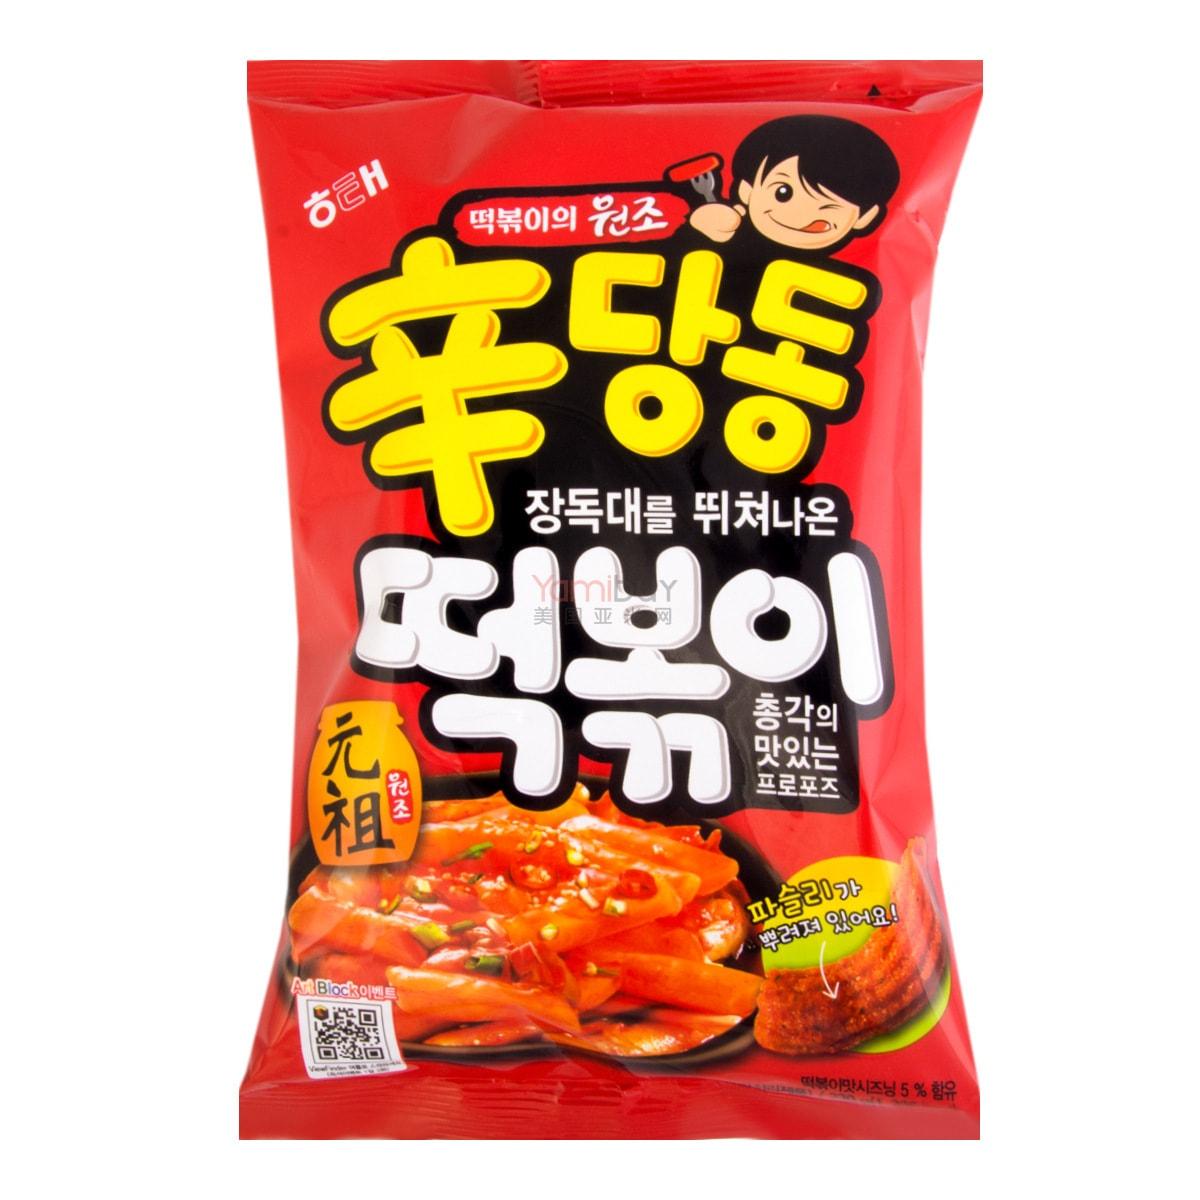 韩国HAITAI海太 辣炒年糕条 230g